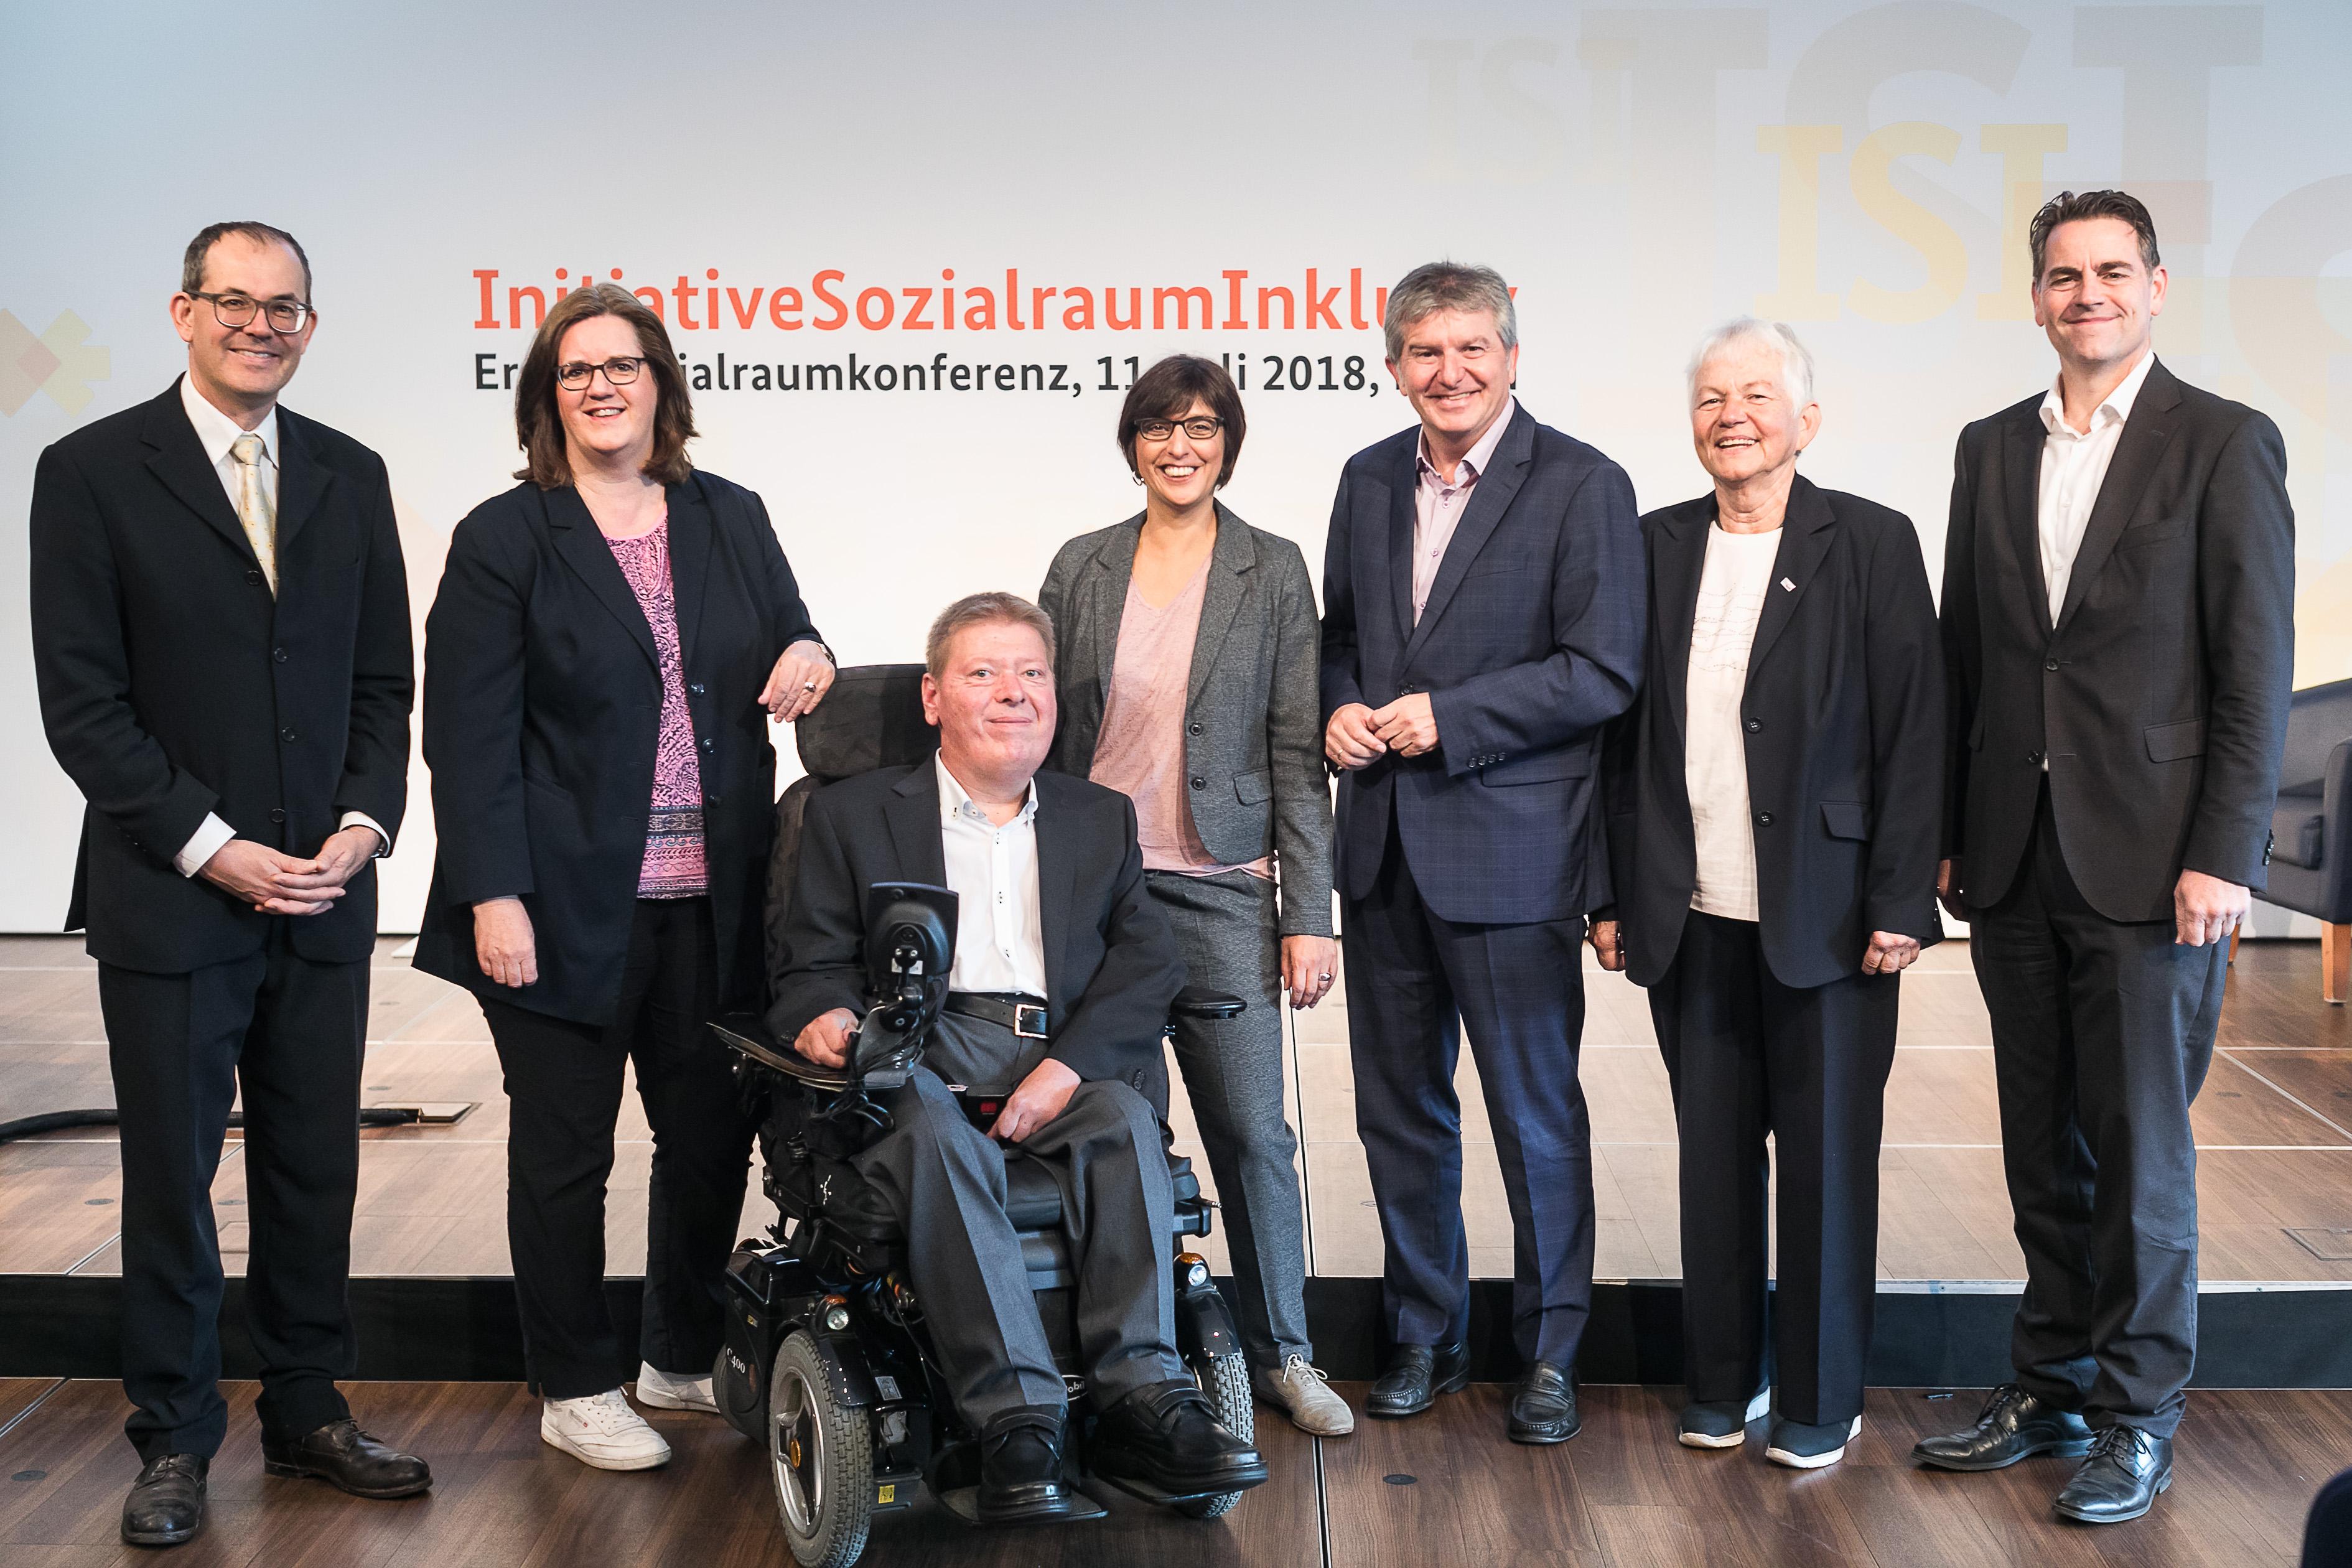 Gemeinsam einfach machen - InitiativeSozialraumInklusiv